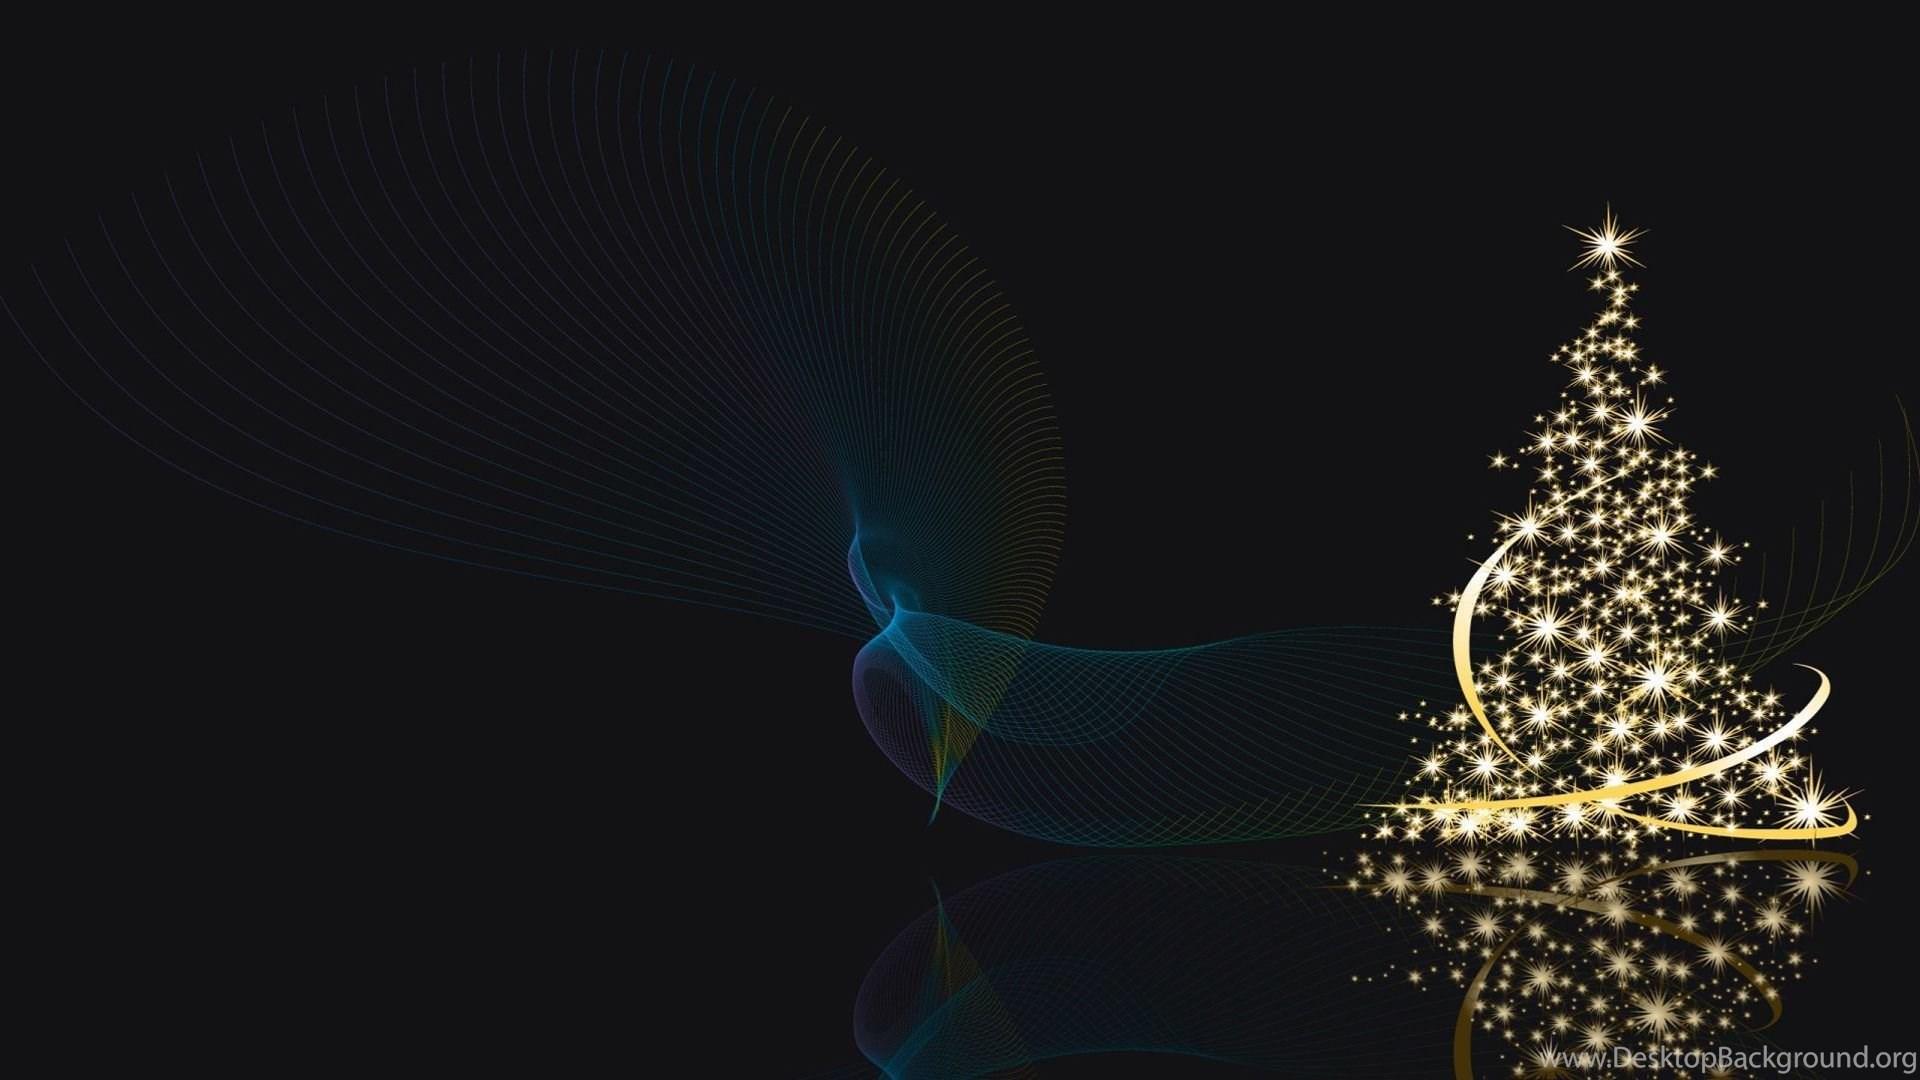 Top Full Hd Christmas Wallpaper Images For Pinterest Desktop Background